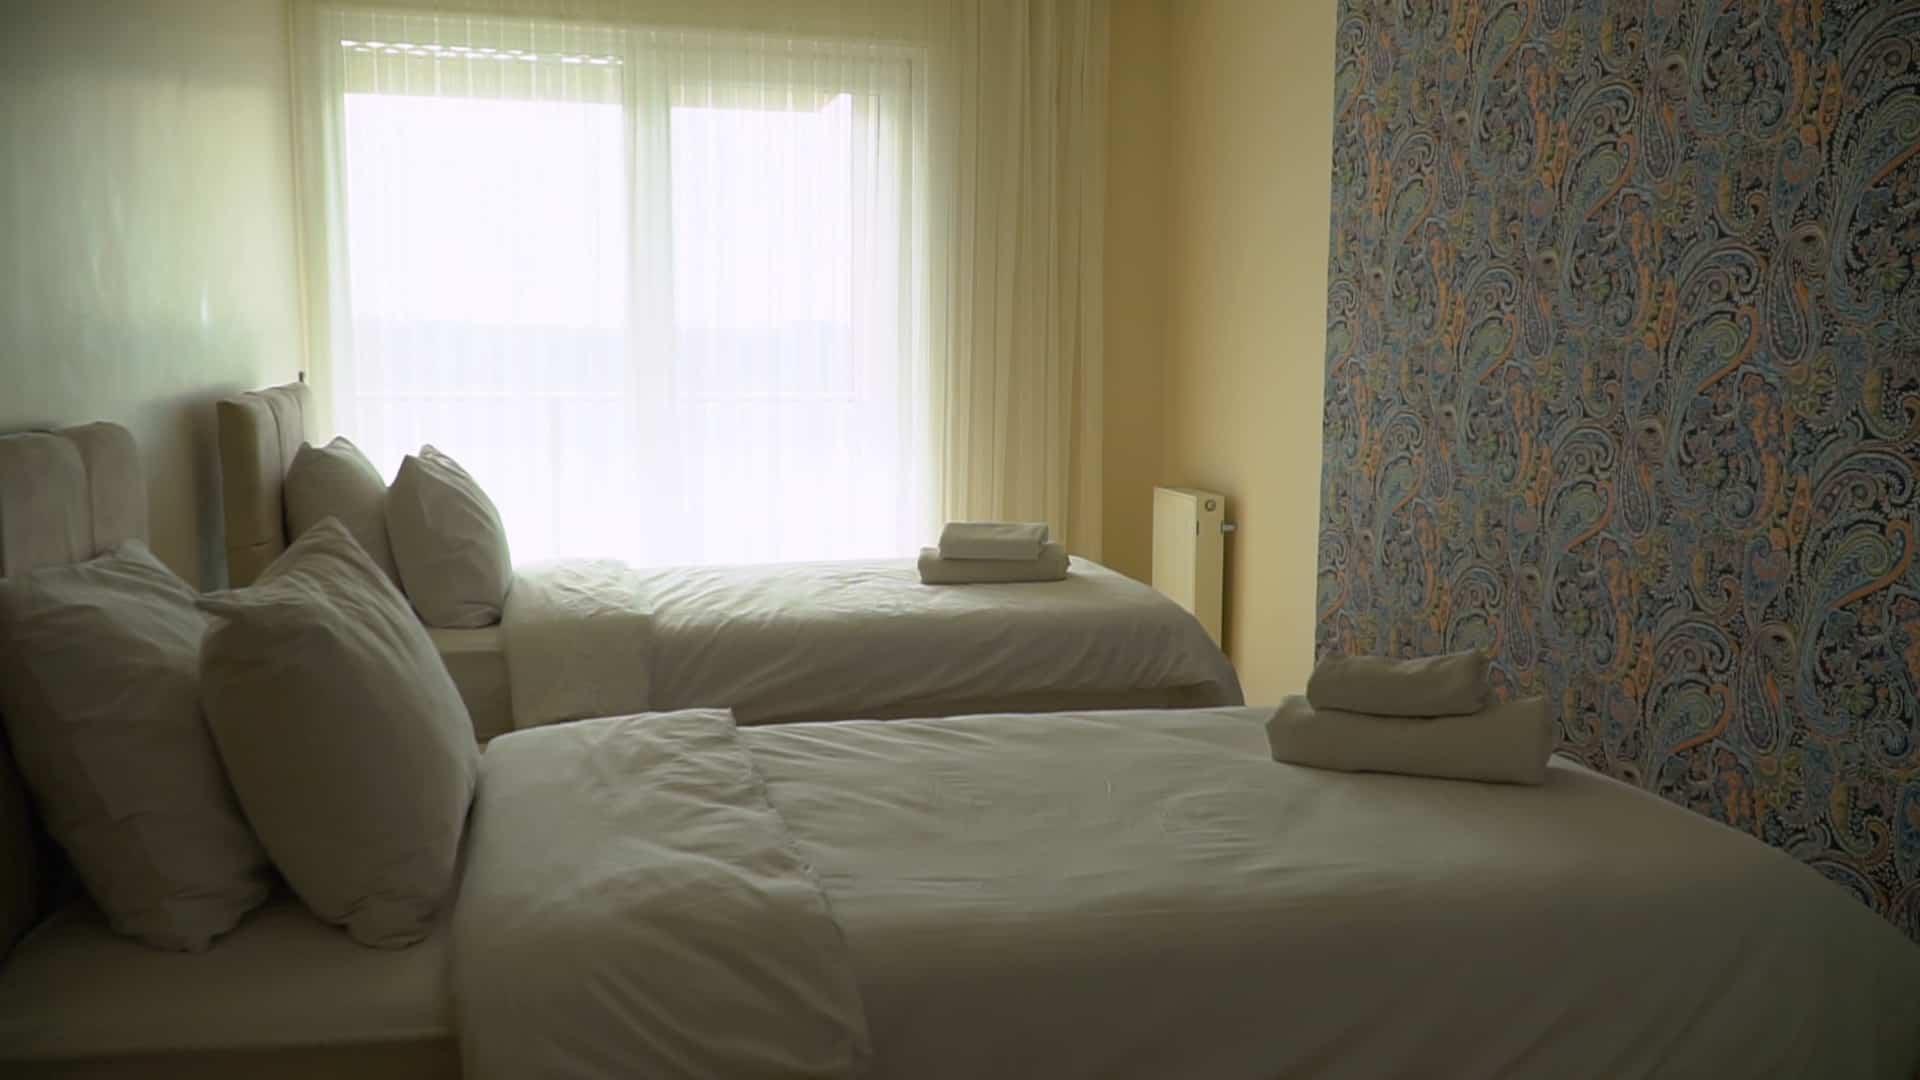 غرفة الثانية شقة 3 غرف وصالون للايجار في مول فينيسيا